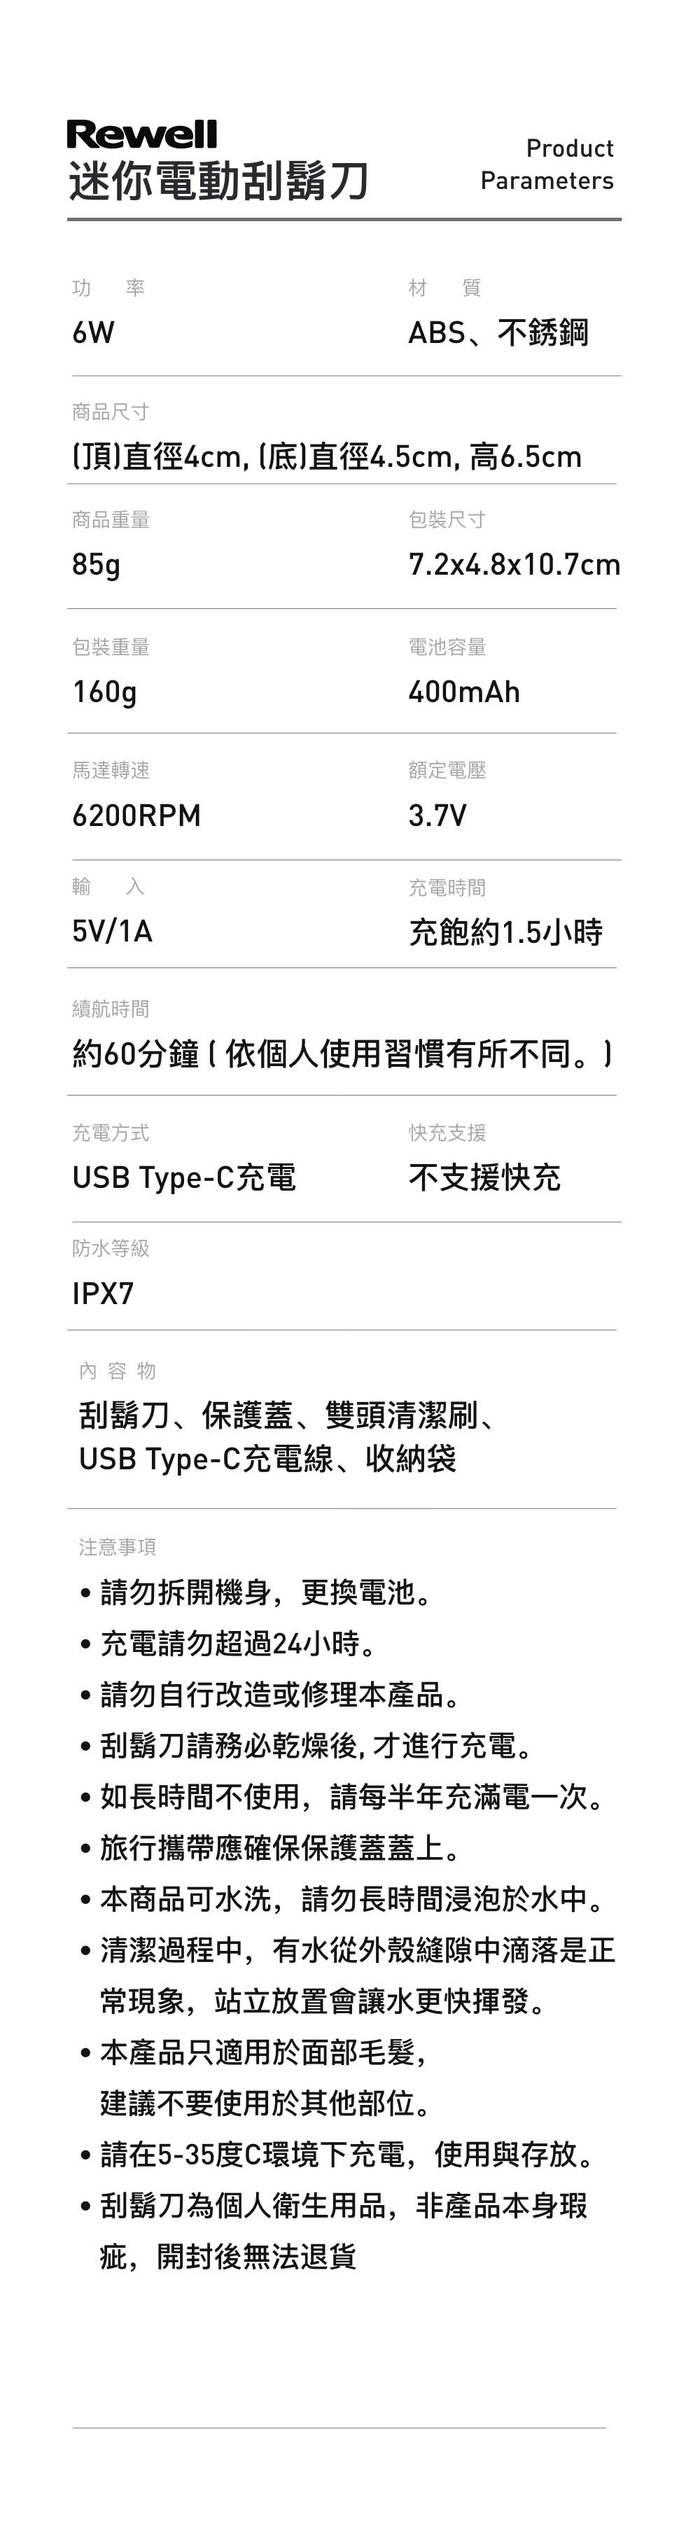 【集購】Rewell|USB 迷你電動刮鬍刀 (兩入)